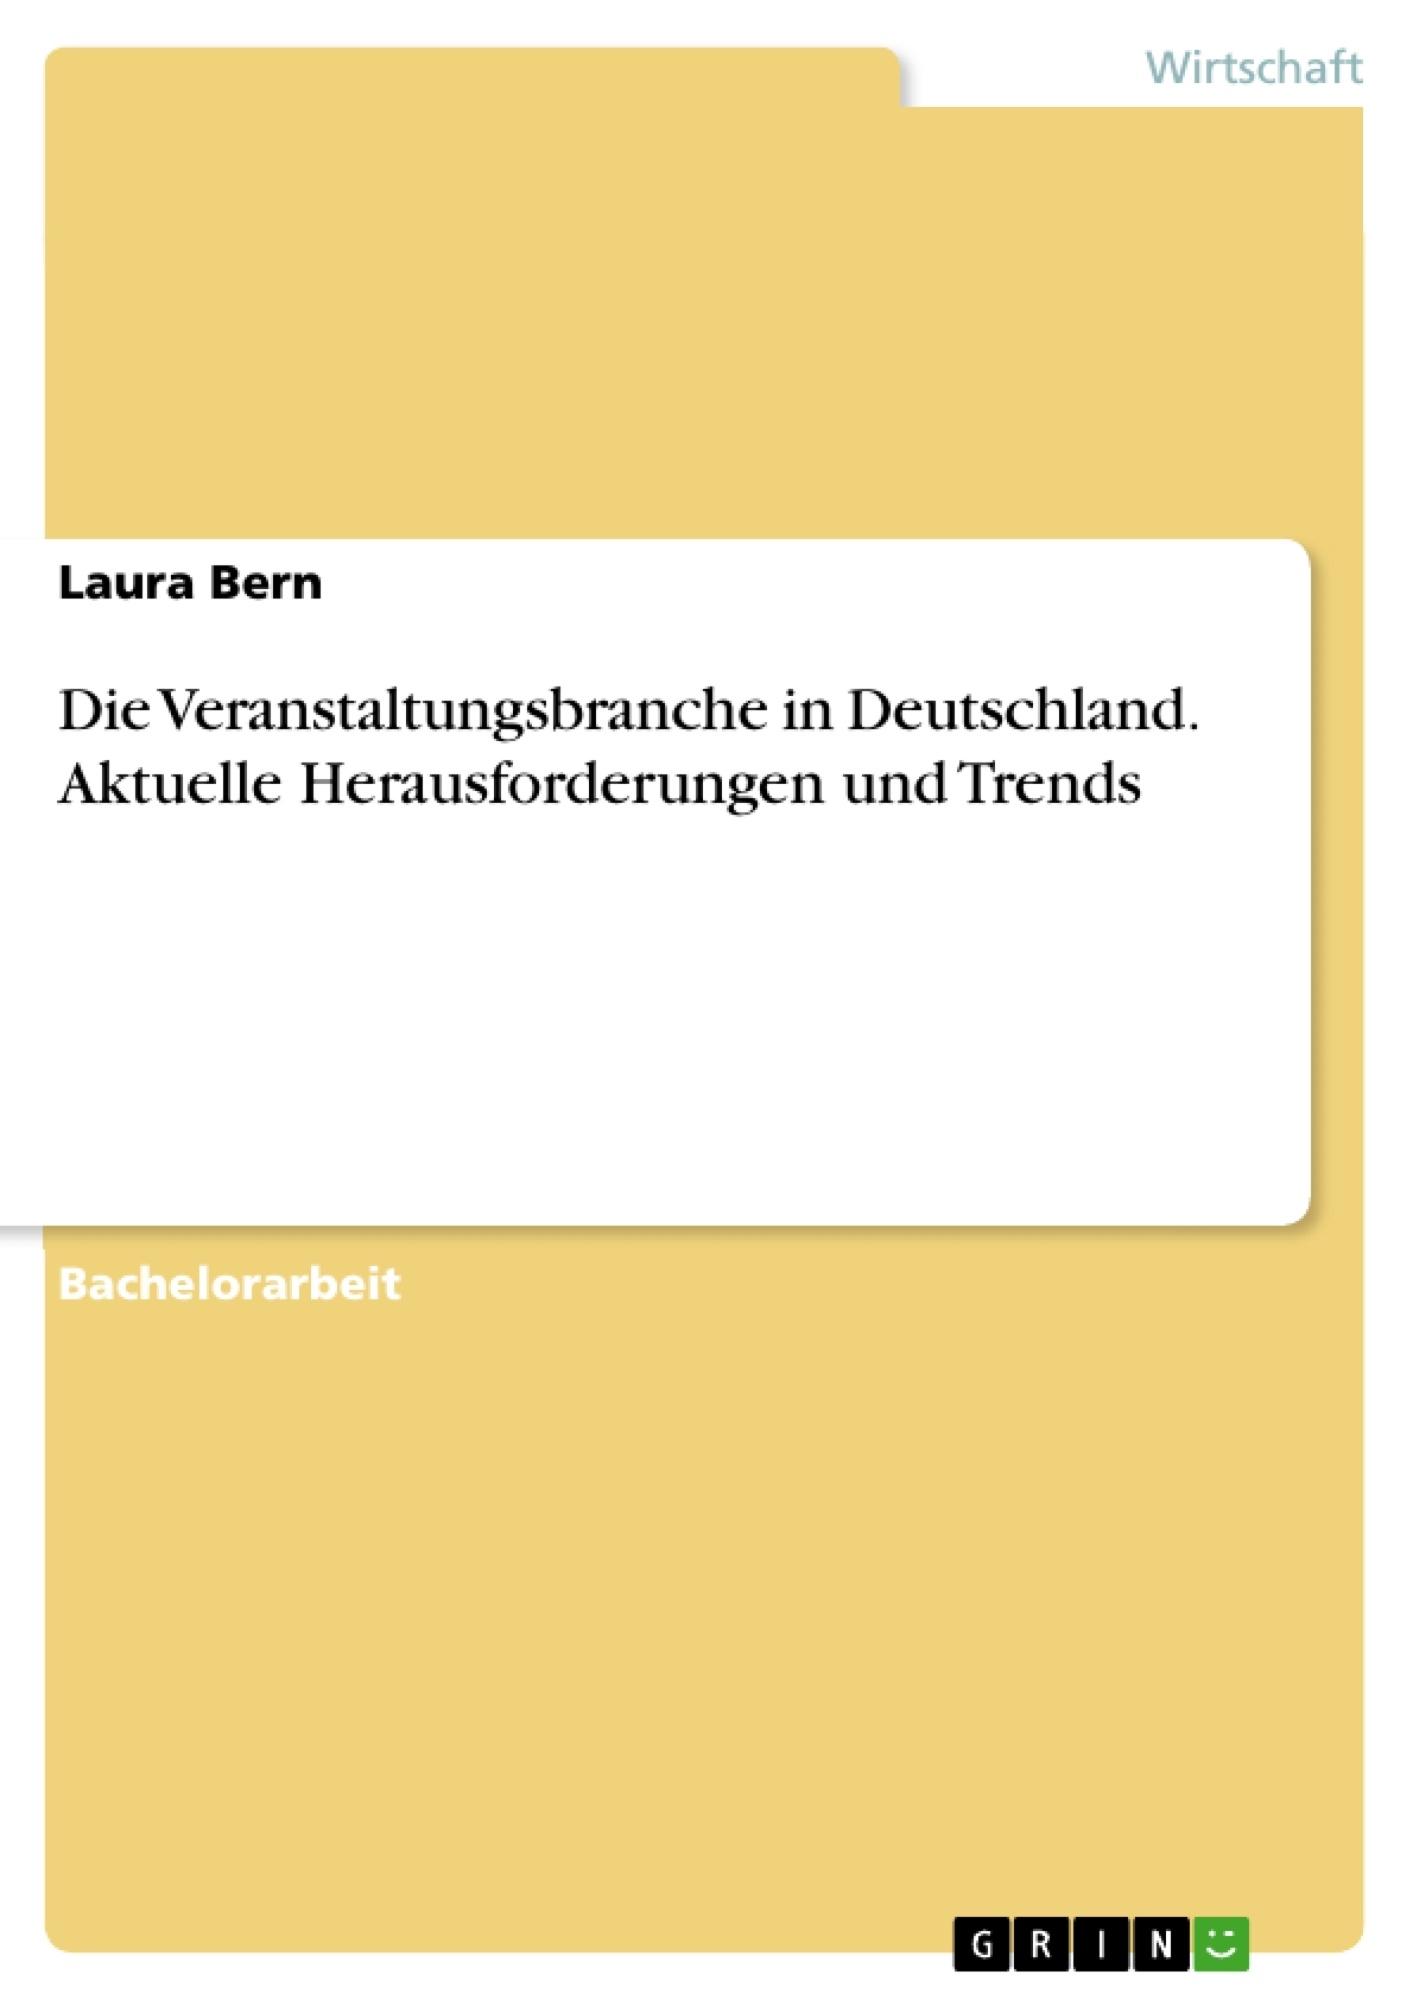 Titel: Die Veranstaltungsbranche in Deutschland. Aktuelle Herausforderungen und Trends